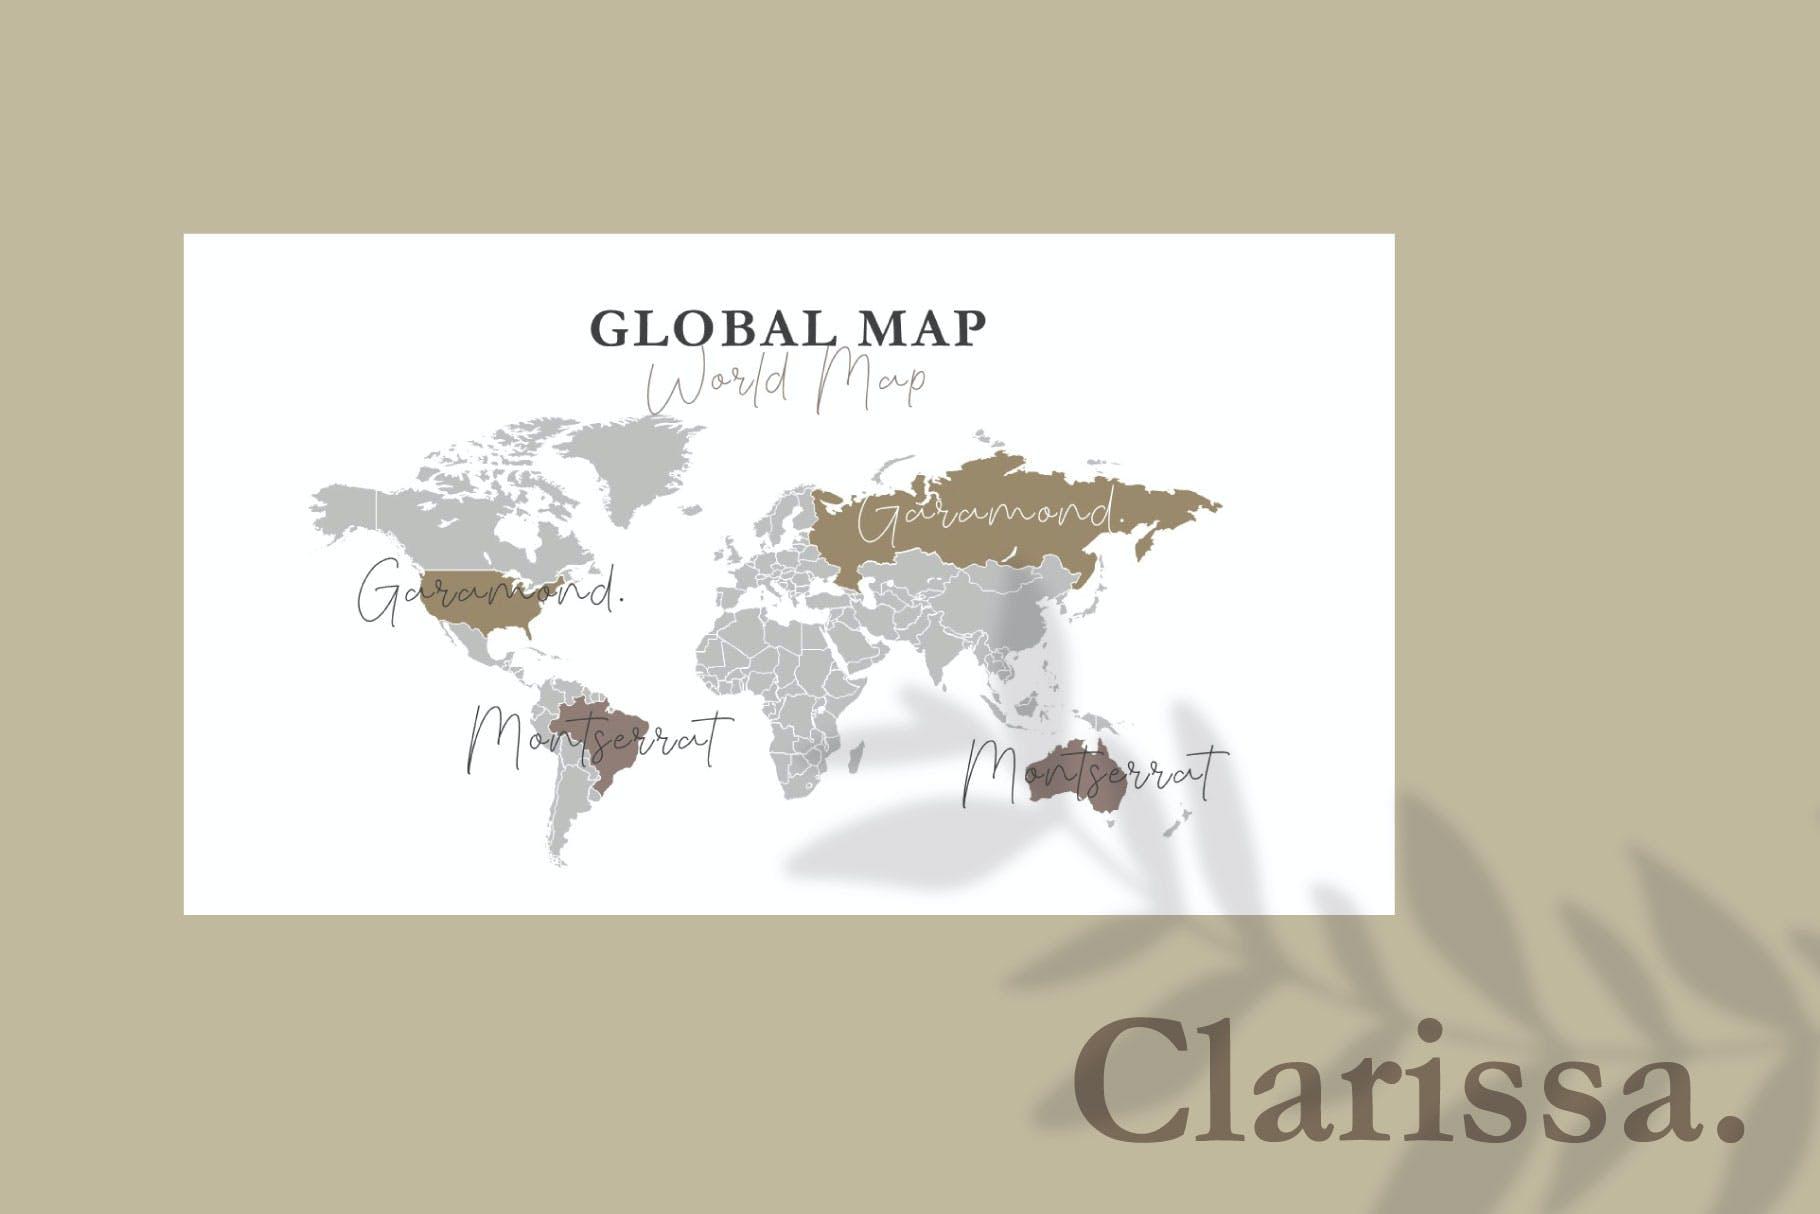 时尚简约摄影作品集图文排版幻灯片设计模板 Clarissa Bundle Presentation插图8